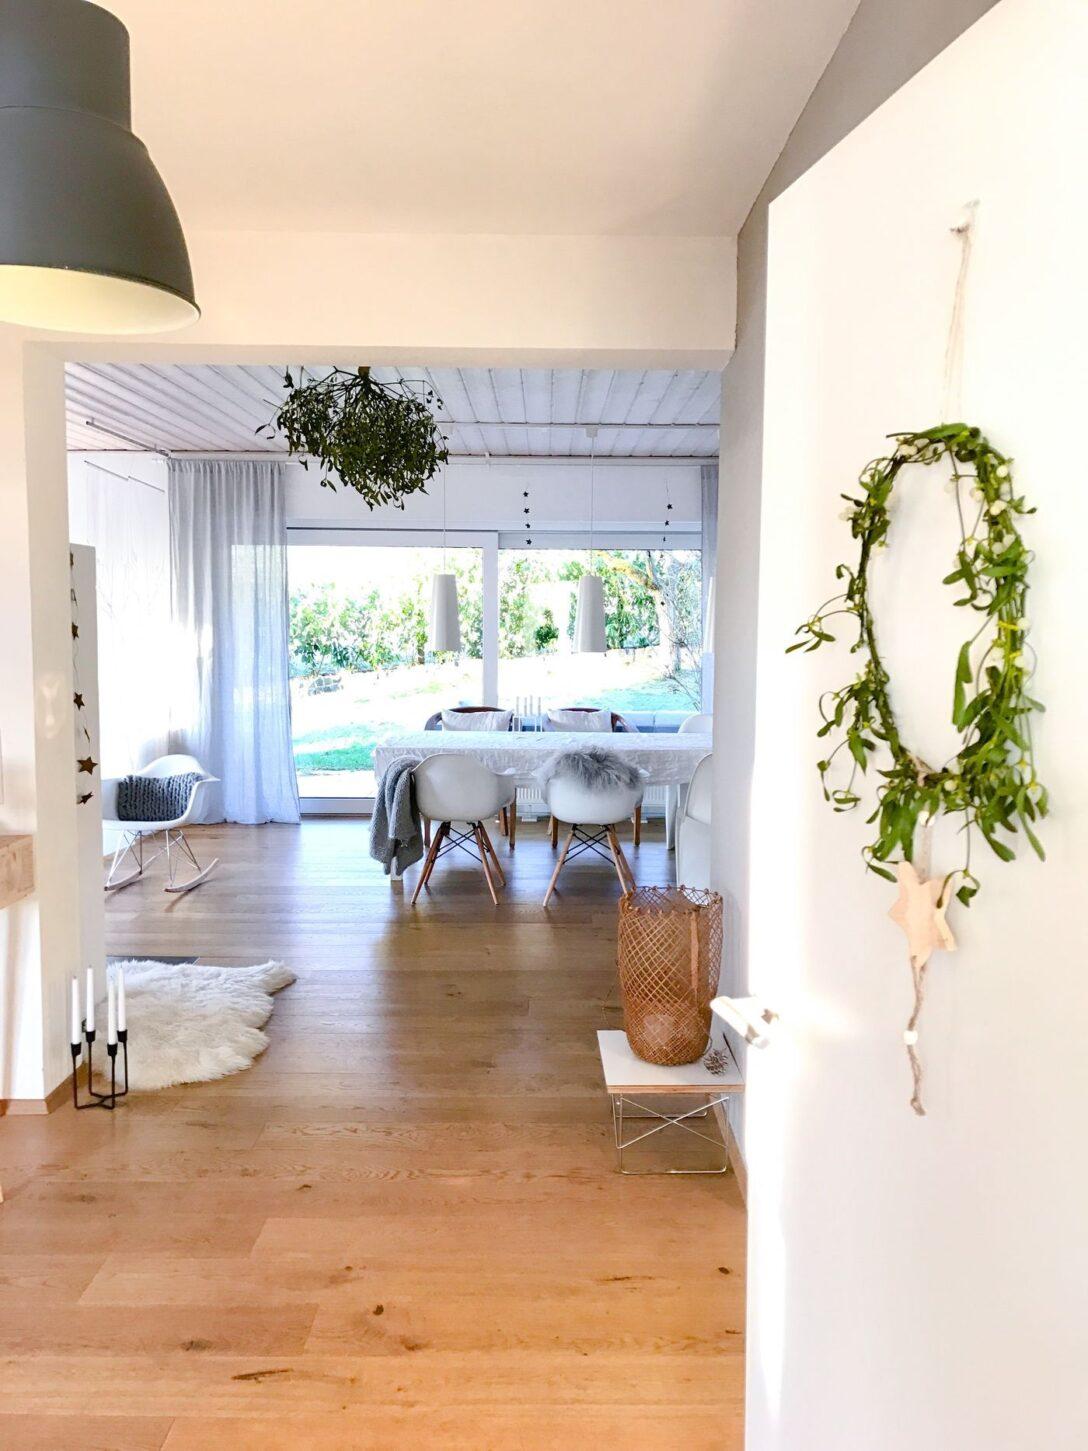 Large Size of Hängelampen Ikea Schnsten Ideen Mit Leuchten Küche Kosten Betten 160x200 Bei Miniküche Modulküche Kaufen Sofa Schlaffunktion Wohnzimmer Hängelampen Ikea